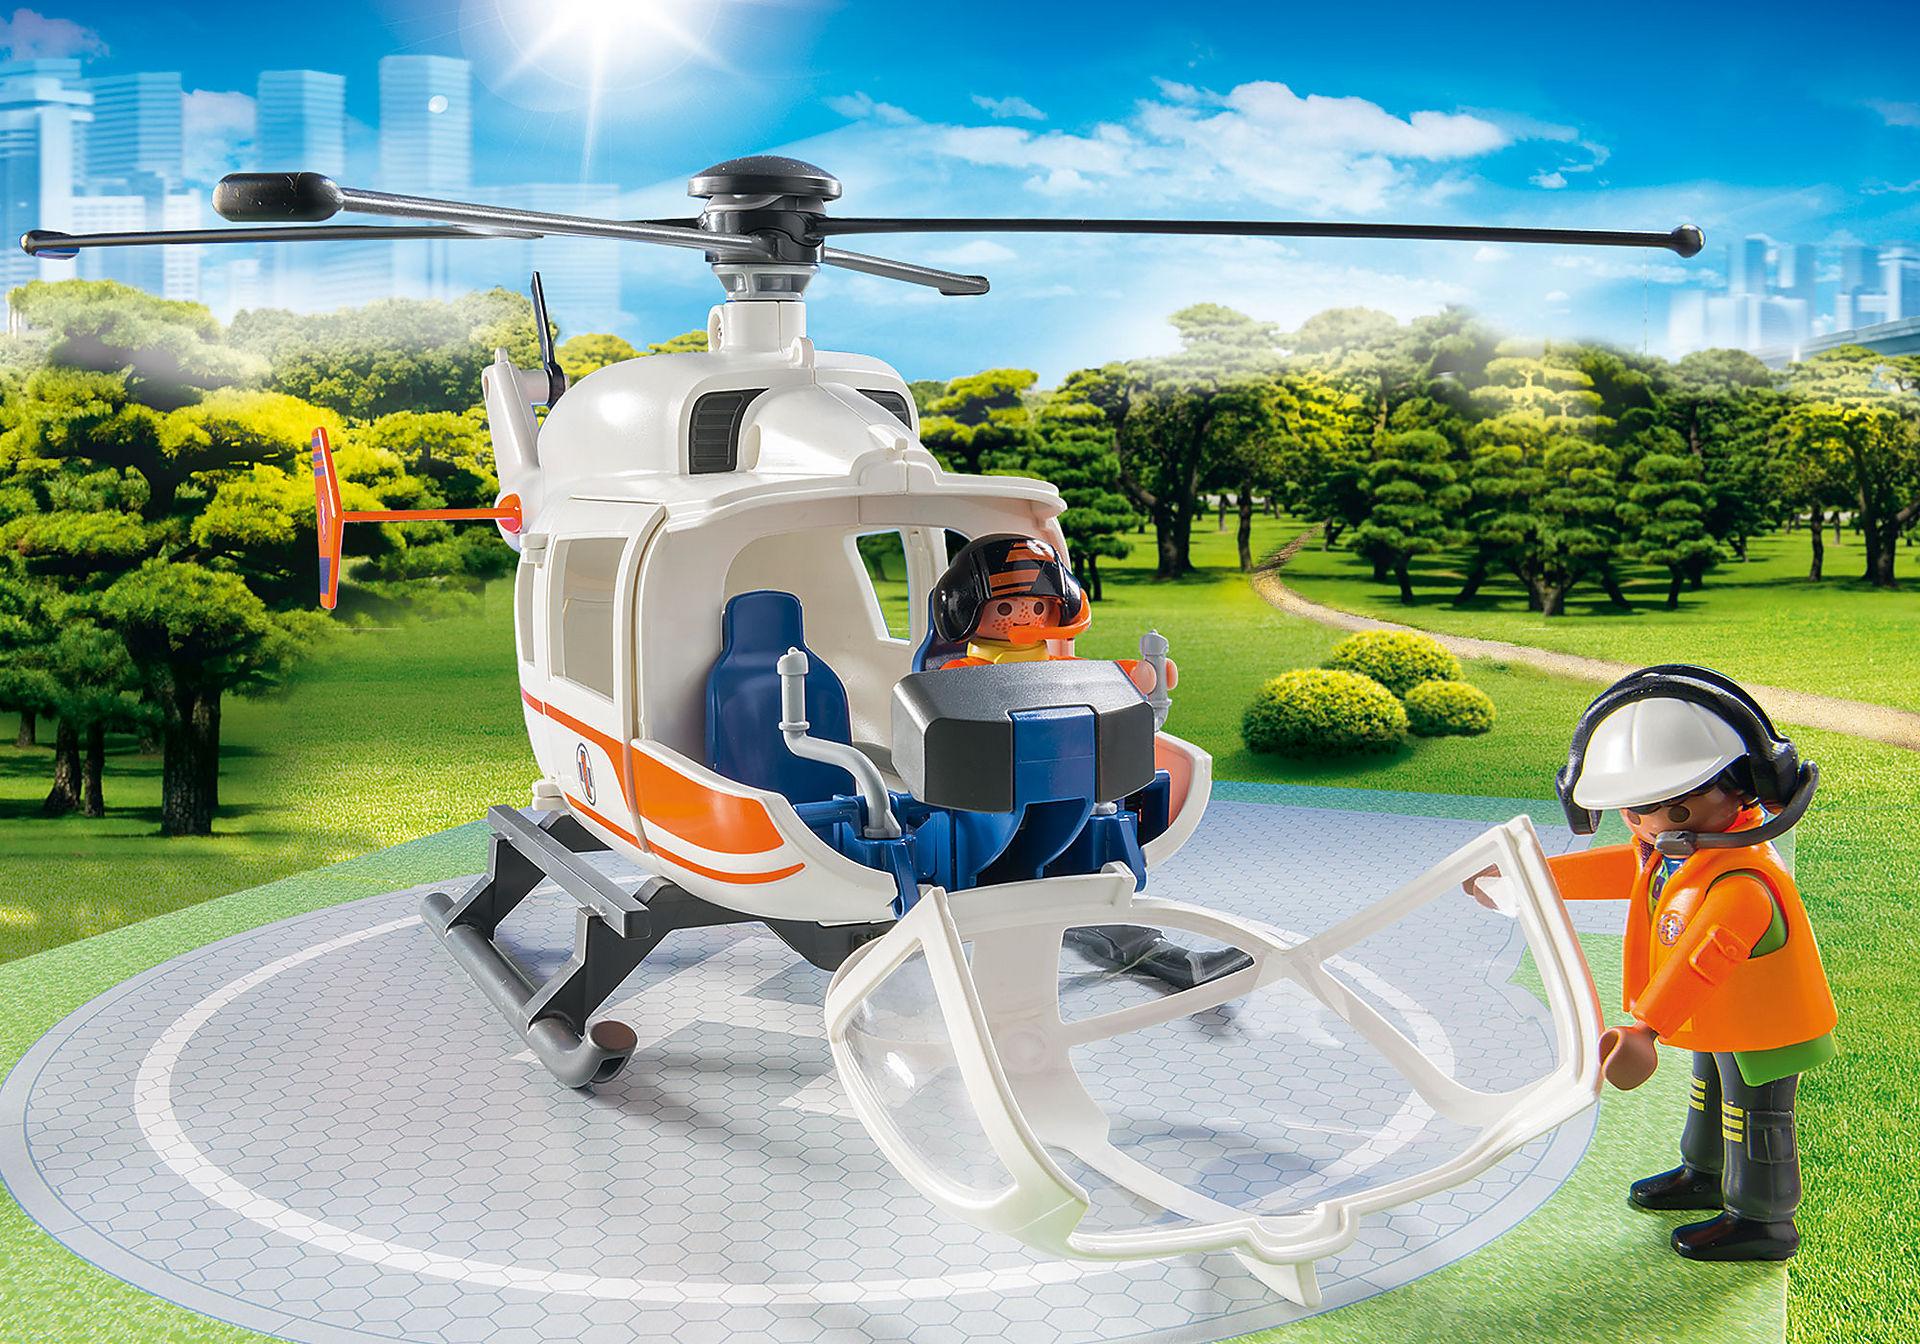 70048 Helicóptero de Rescate zoom image4